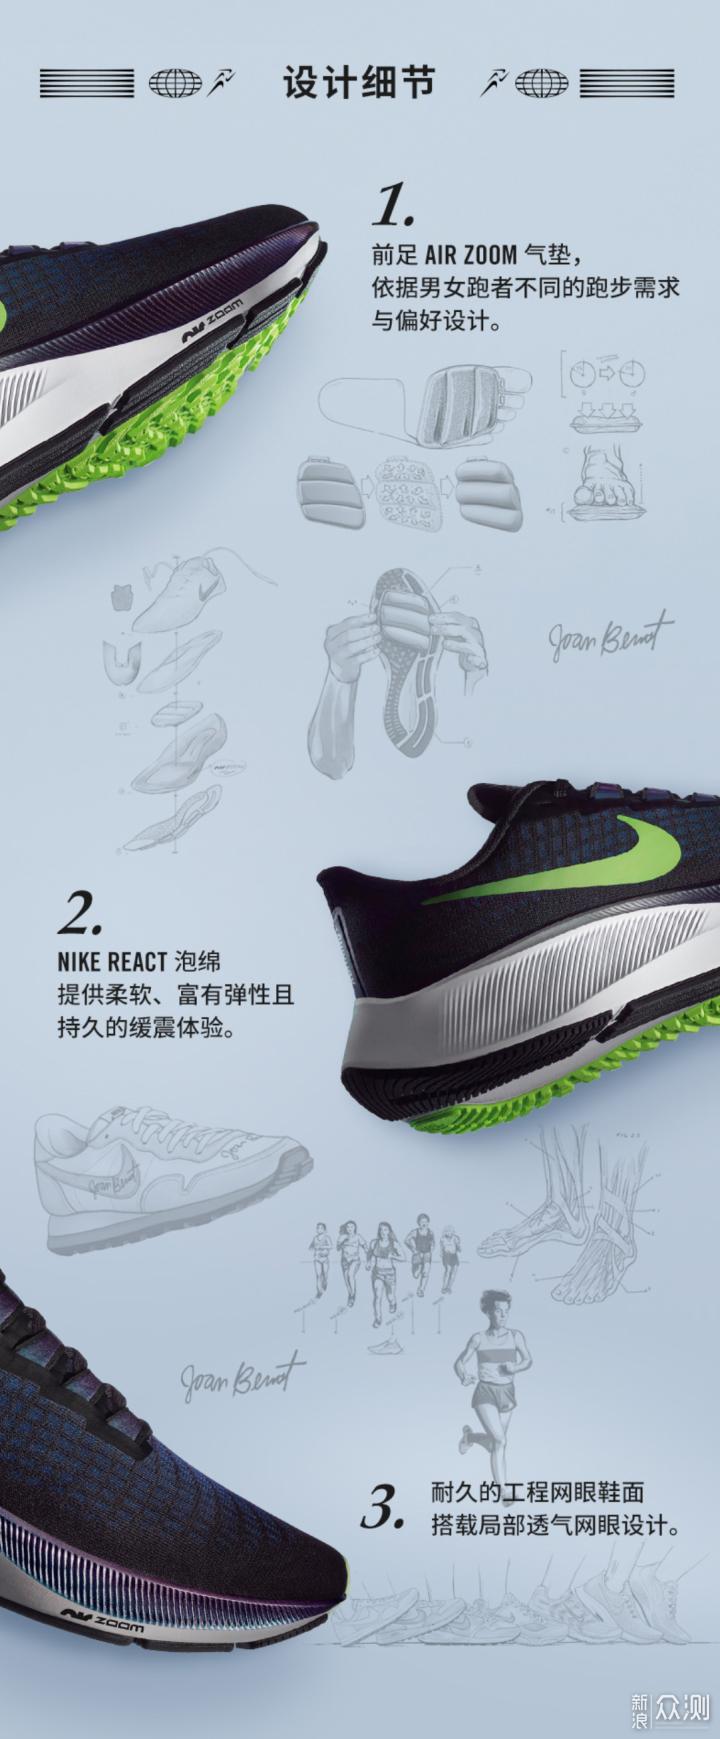 #我的运动指南#跑步党的Nike Pegasus升级之旅_新浪众测